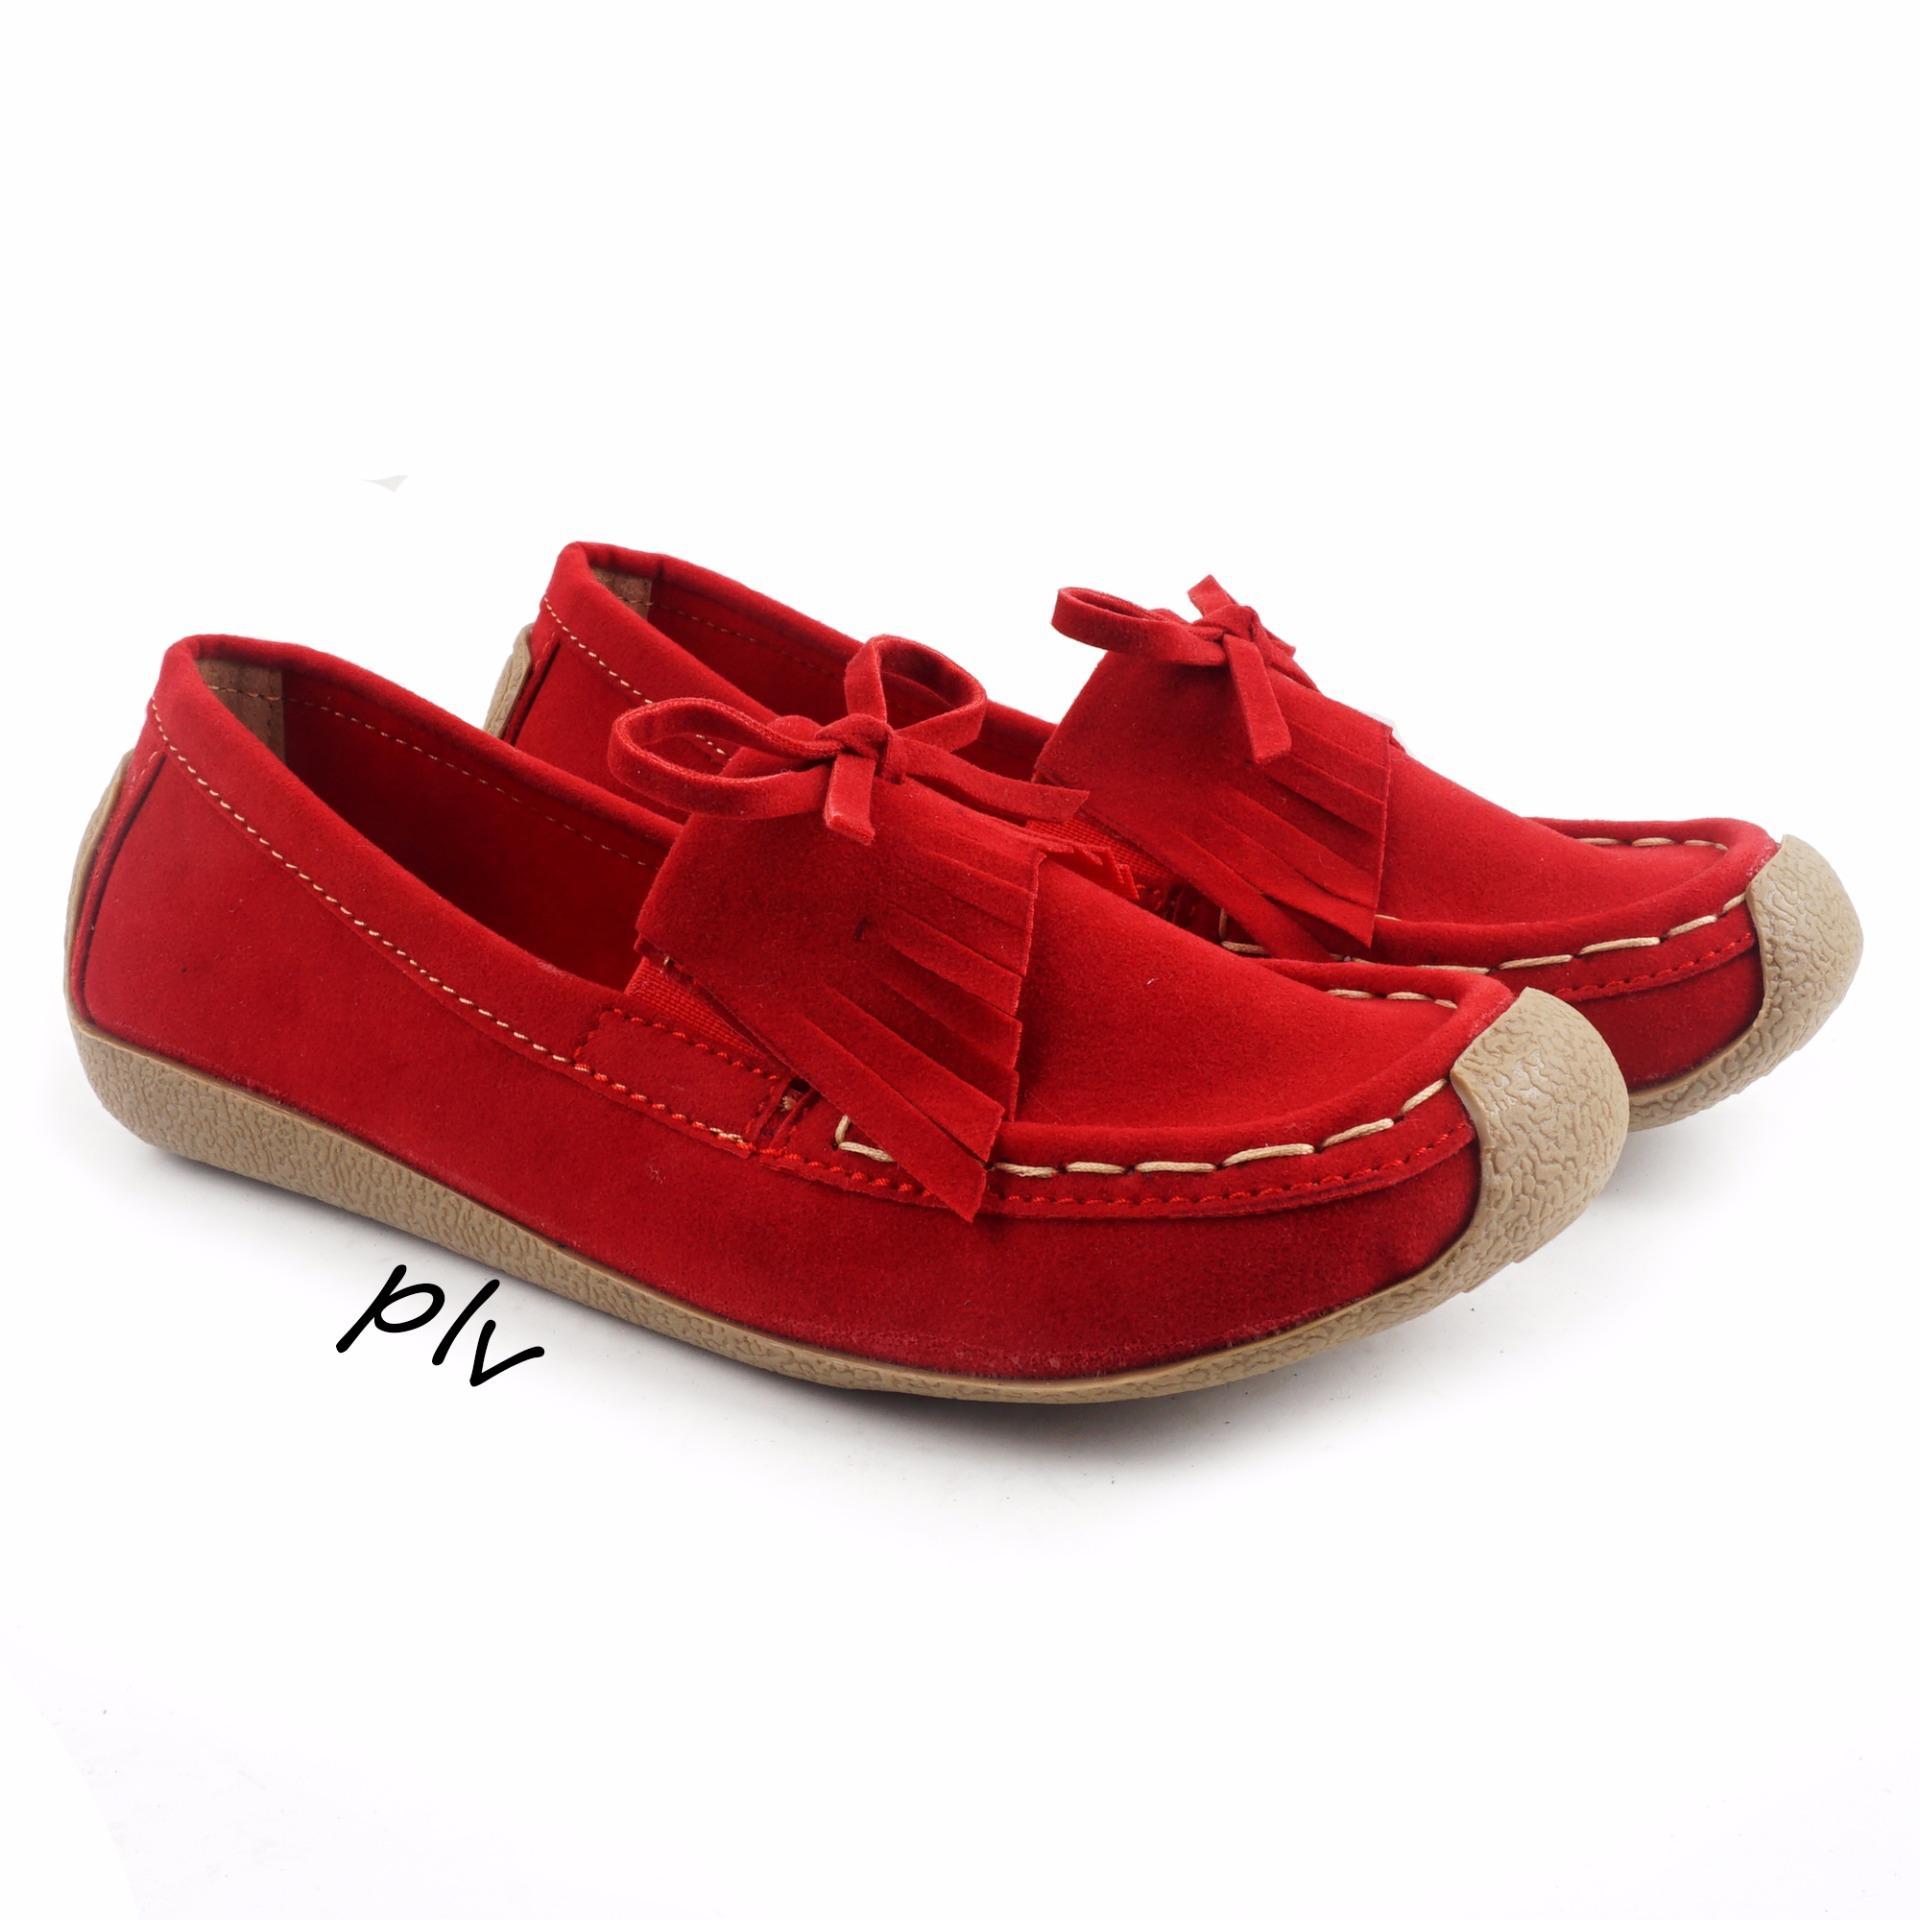 Pluvia Sepatu Flat Shoes Loafers Wanita Us103 Merah Original